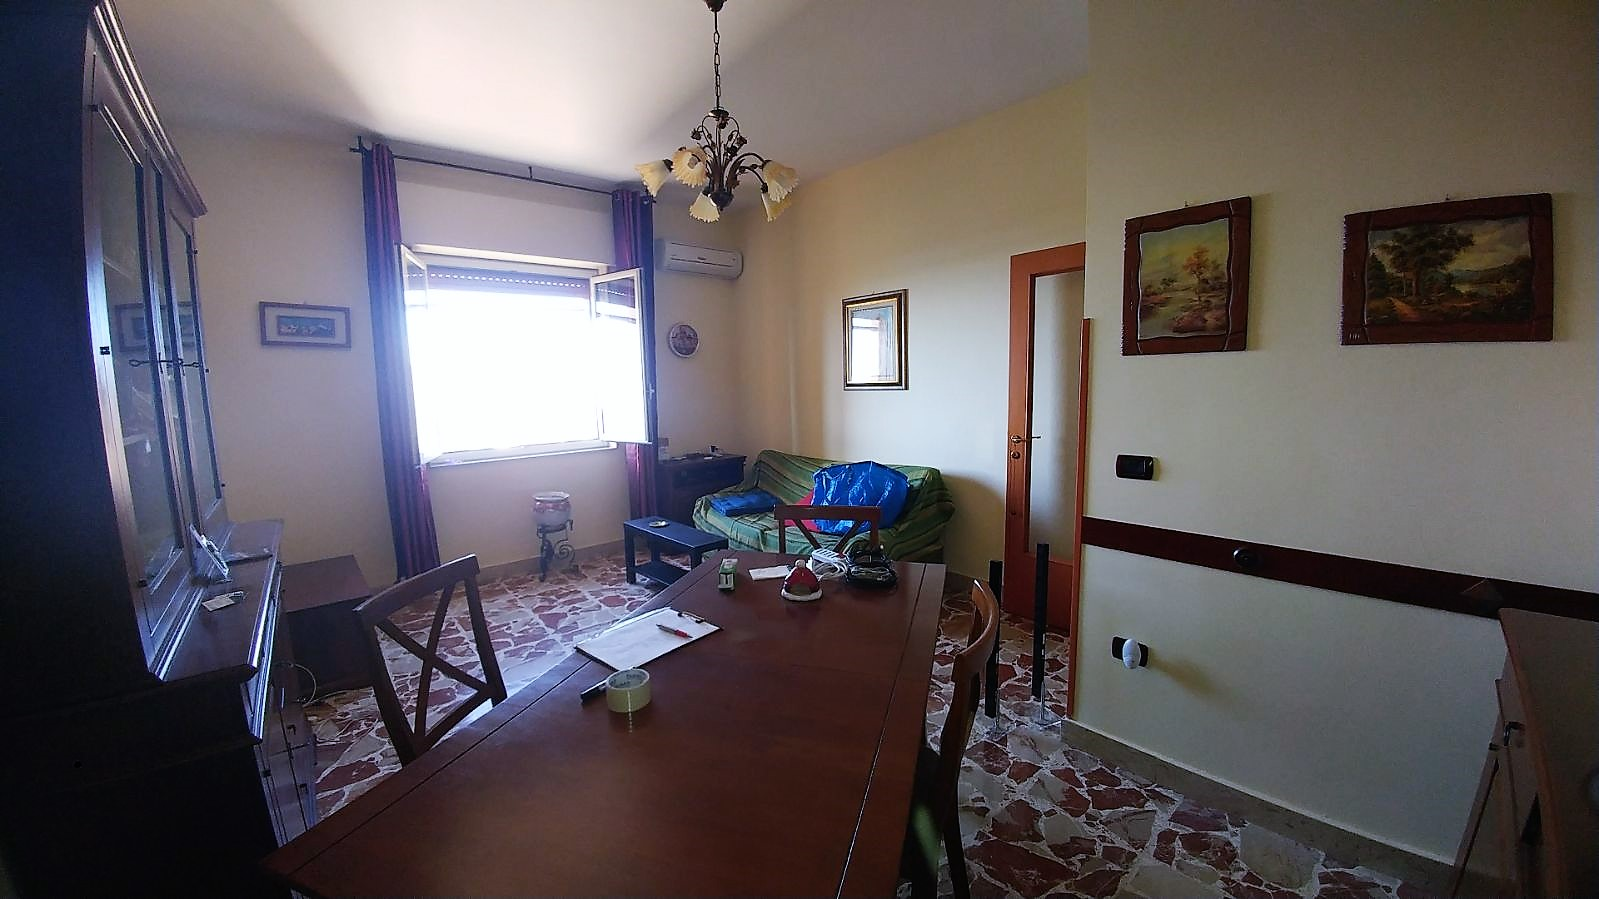 Appartamento in vendita a Agrigento, 4 locali, zona Zona: Centro, prezzo € 75.000 | CambioCasa.it